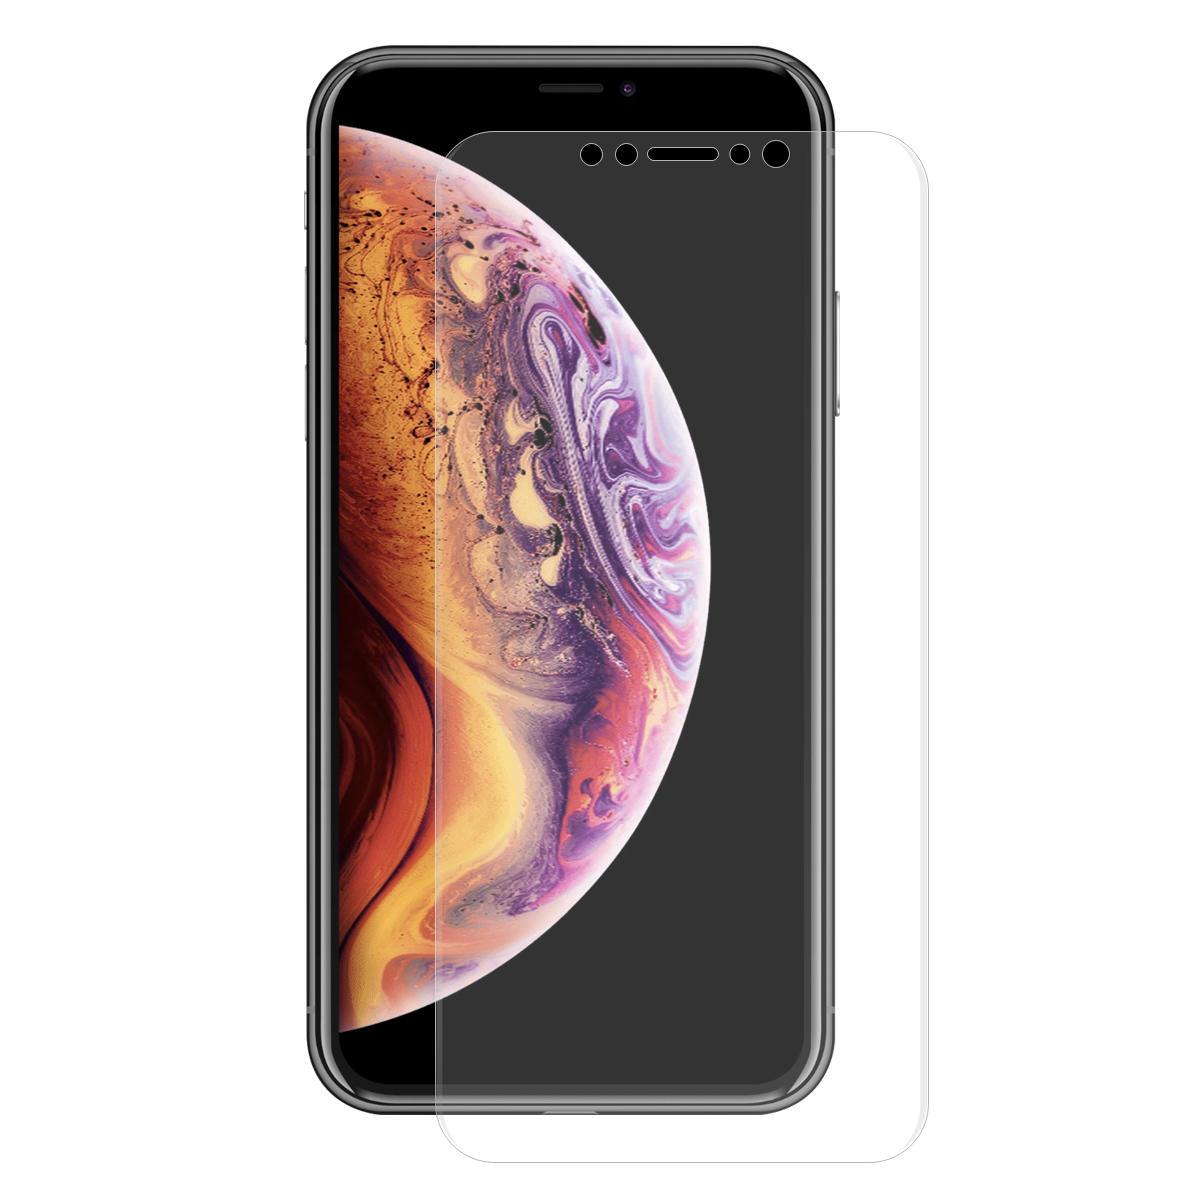 Enkay skjermbeskytter for iPhone XS Max / iPhone 11 Pro Max 3D buet kant Hot Bending Soft KJÆLEDYR-film